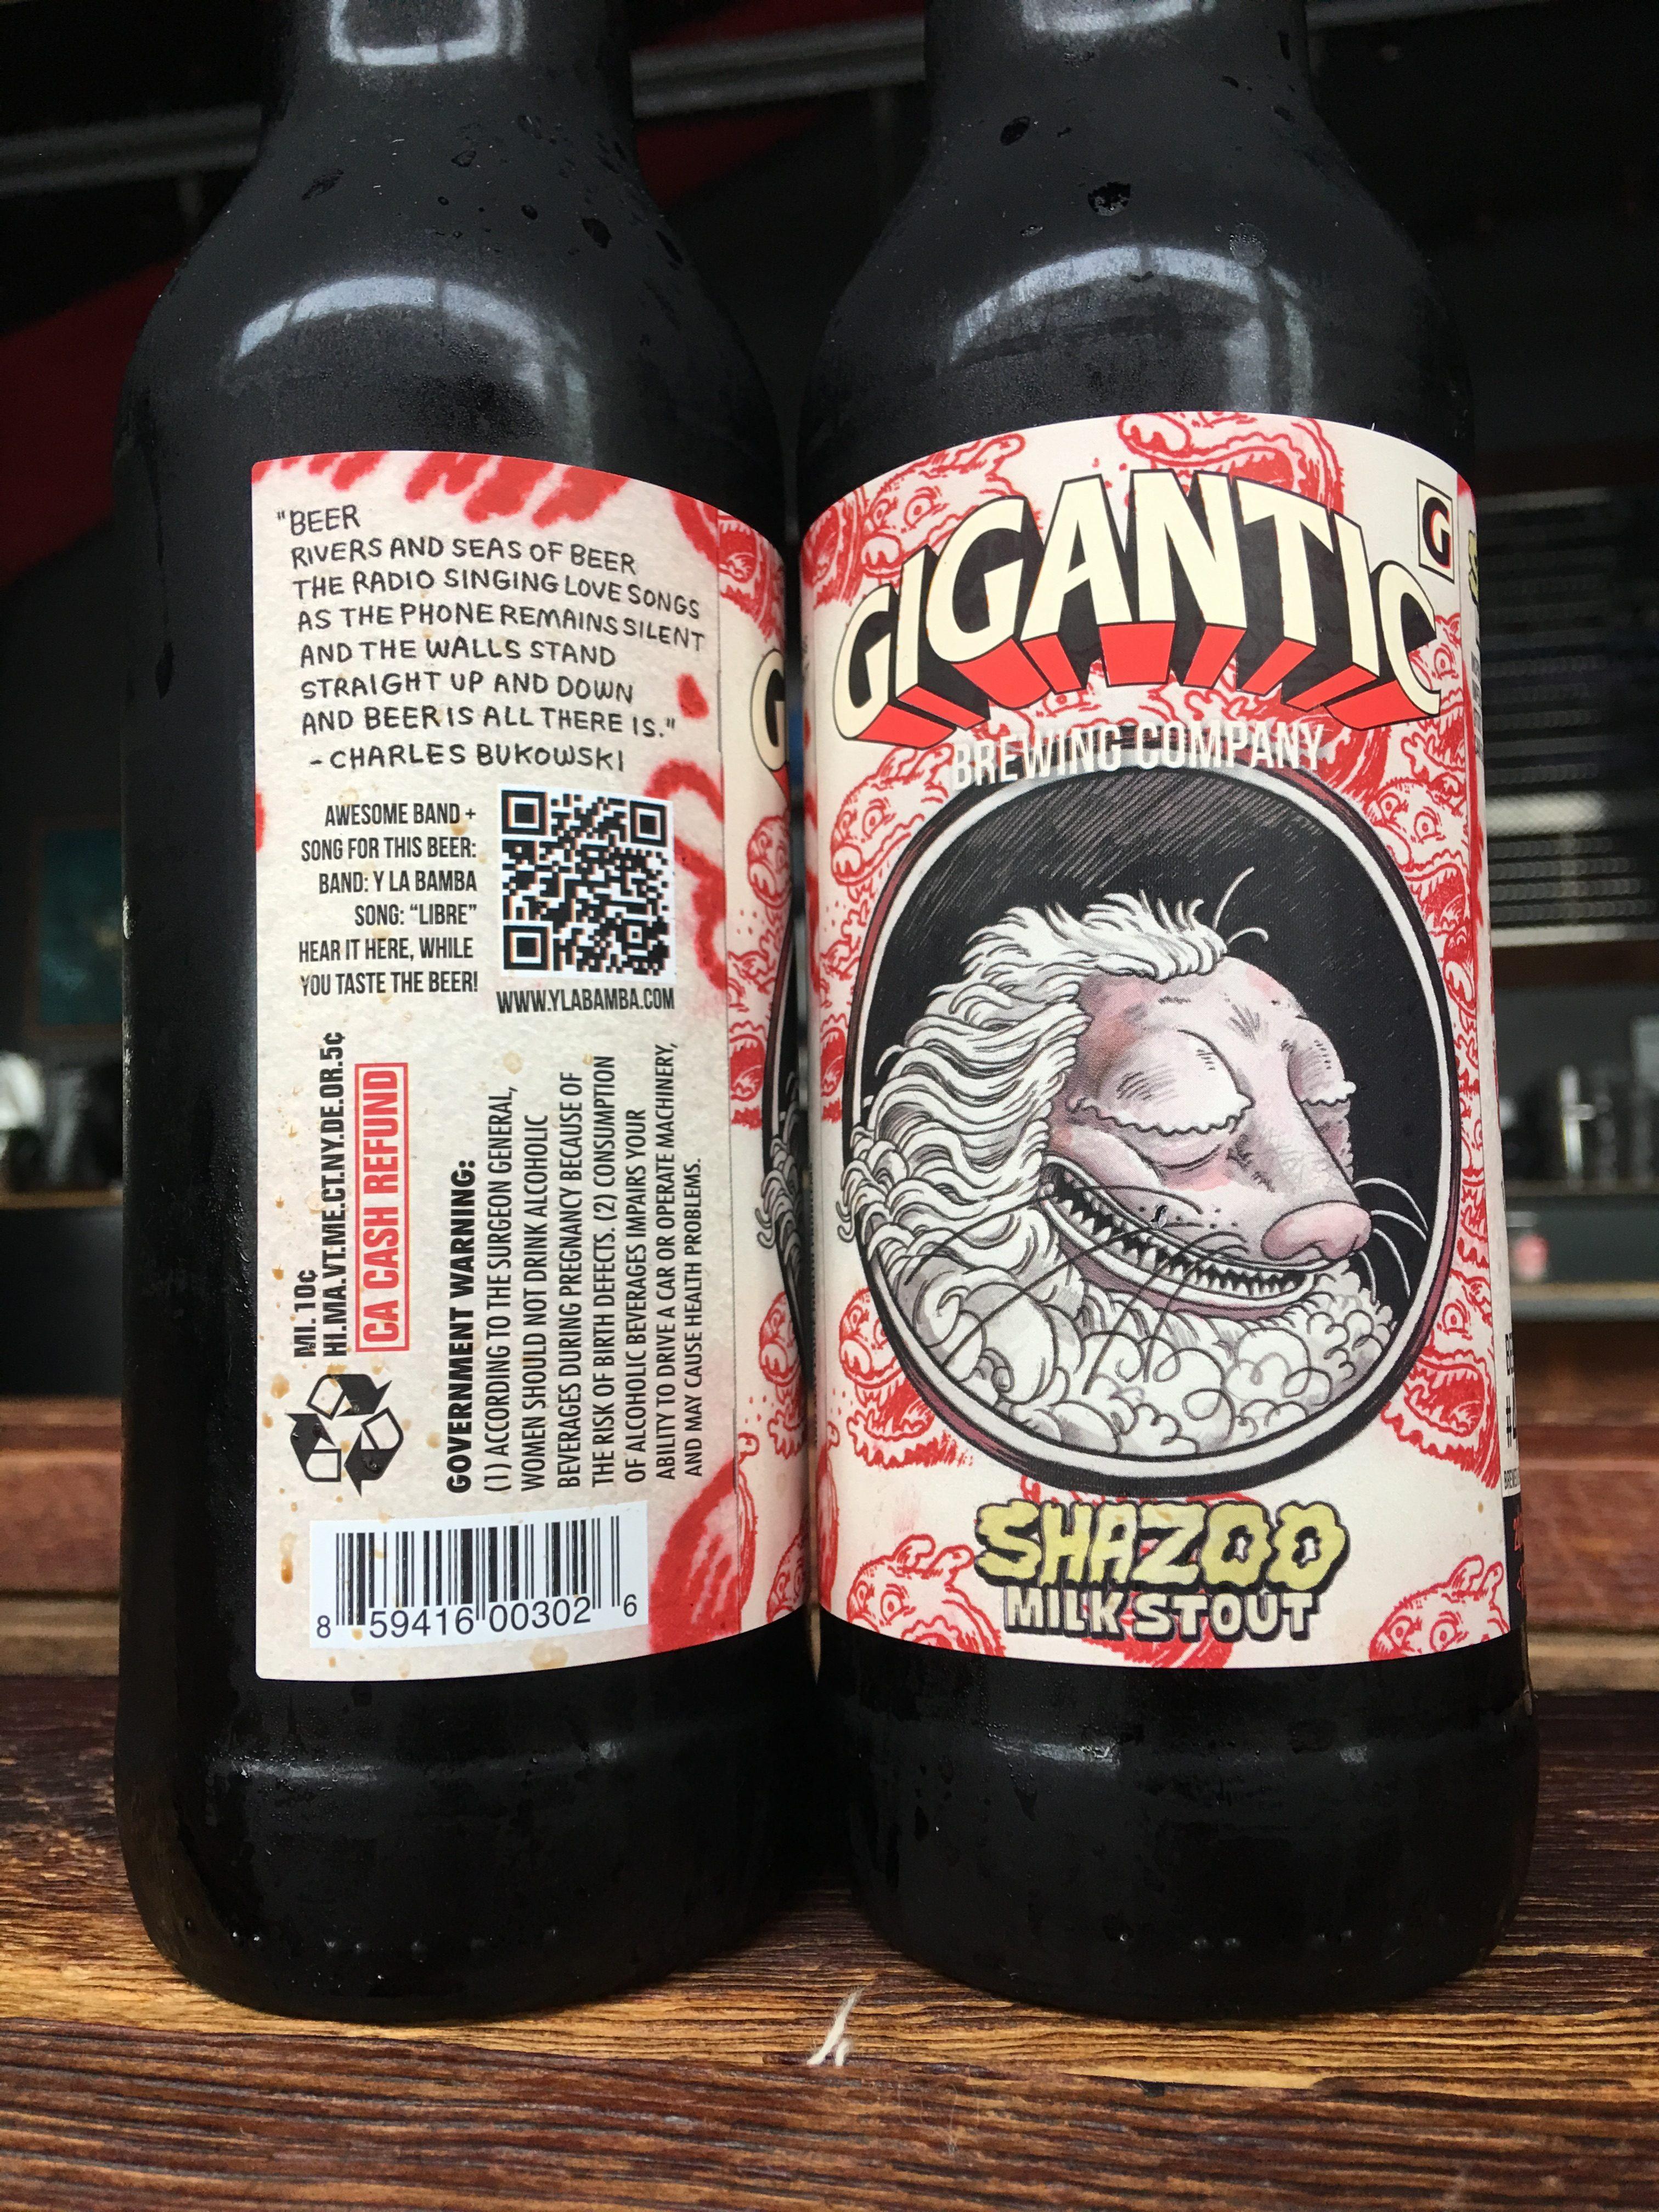 Bottles of Shazoo Imperial Milk Stout. (image courtesy of Gigantic Brewing)